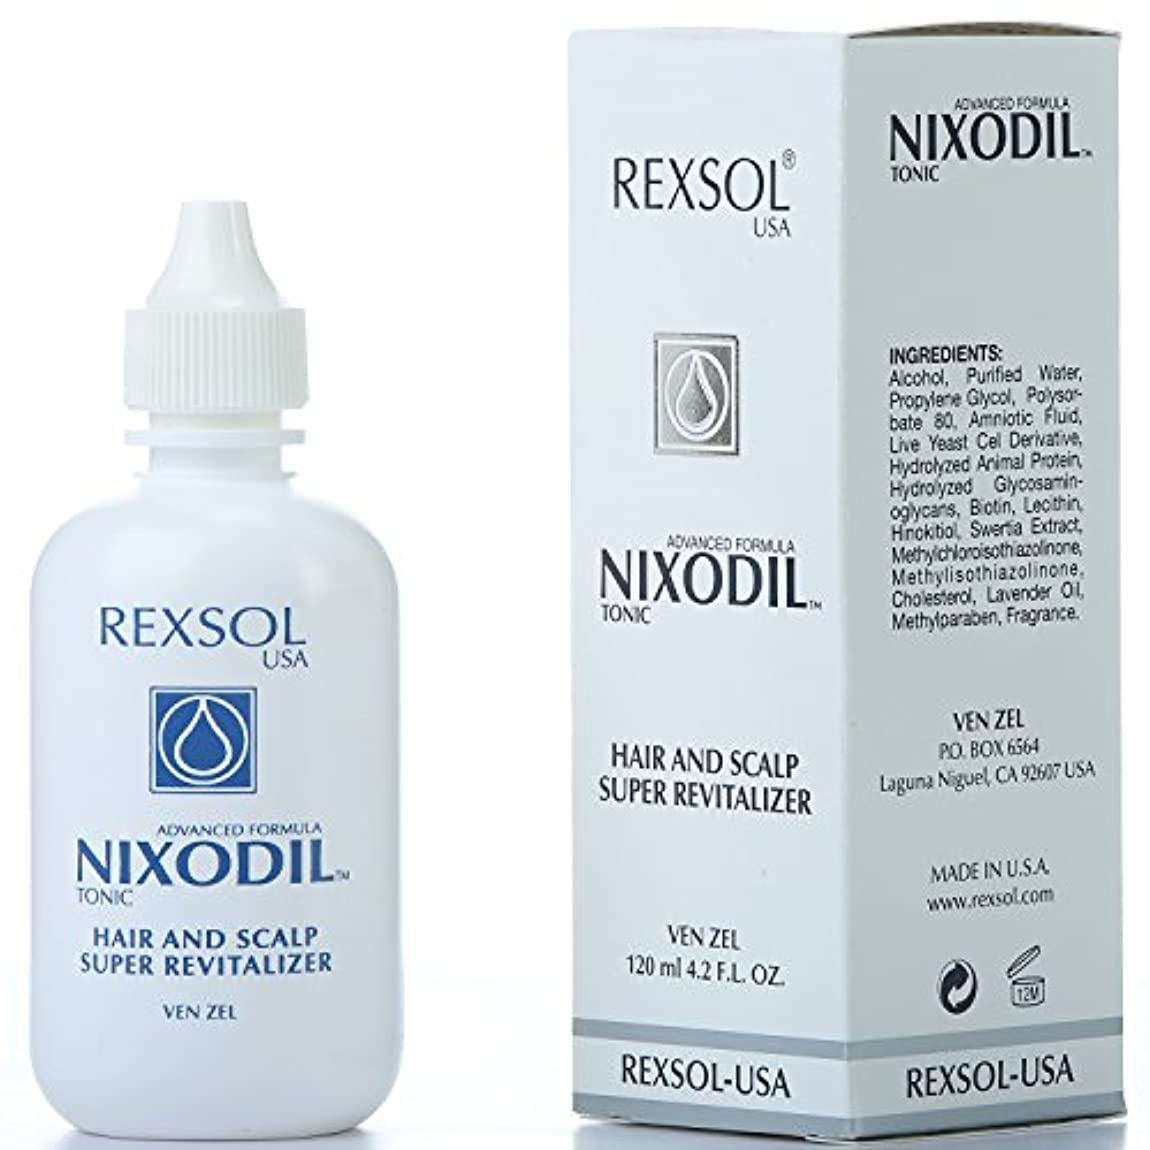 経験者うまくいけばおREXSOLニクソディルヘア&スカルプスーパーリバイタライザー| ライブ酵母細胞誘導体、ビオチン、レシチン、Swertia Extract&ラベンダーオイル| 毛の損失と刺激的な成長を防ぎます(120 ml / 4.2...